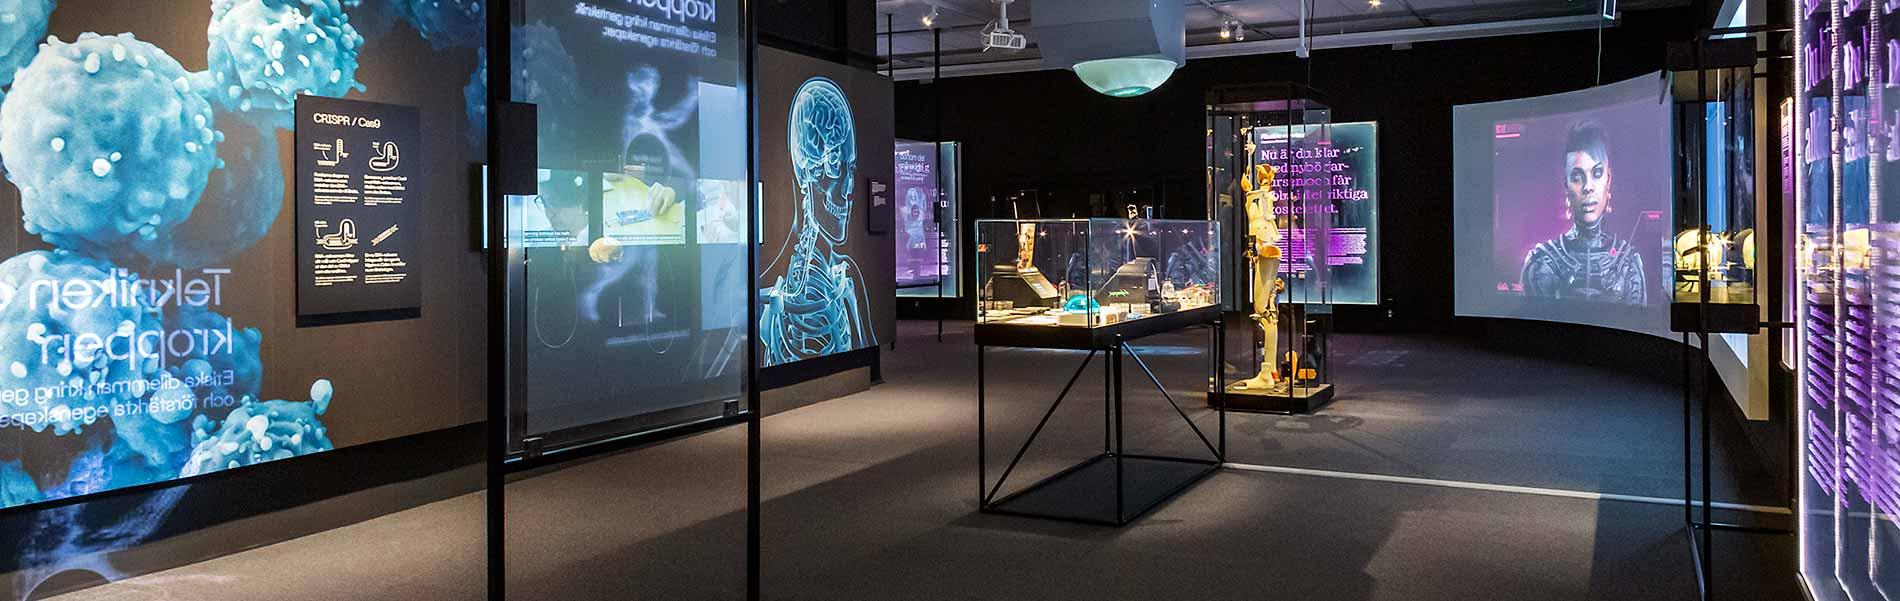 Del av utställningen med skelett på väggarna